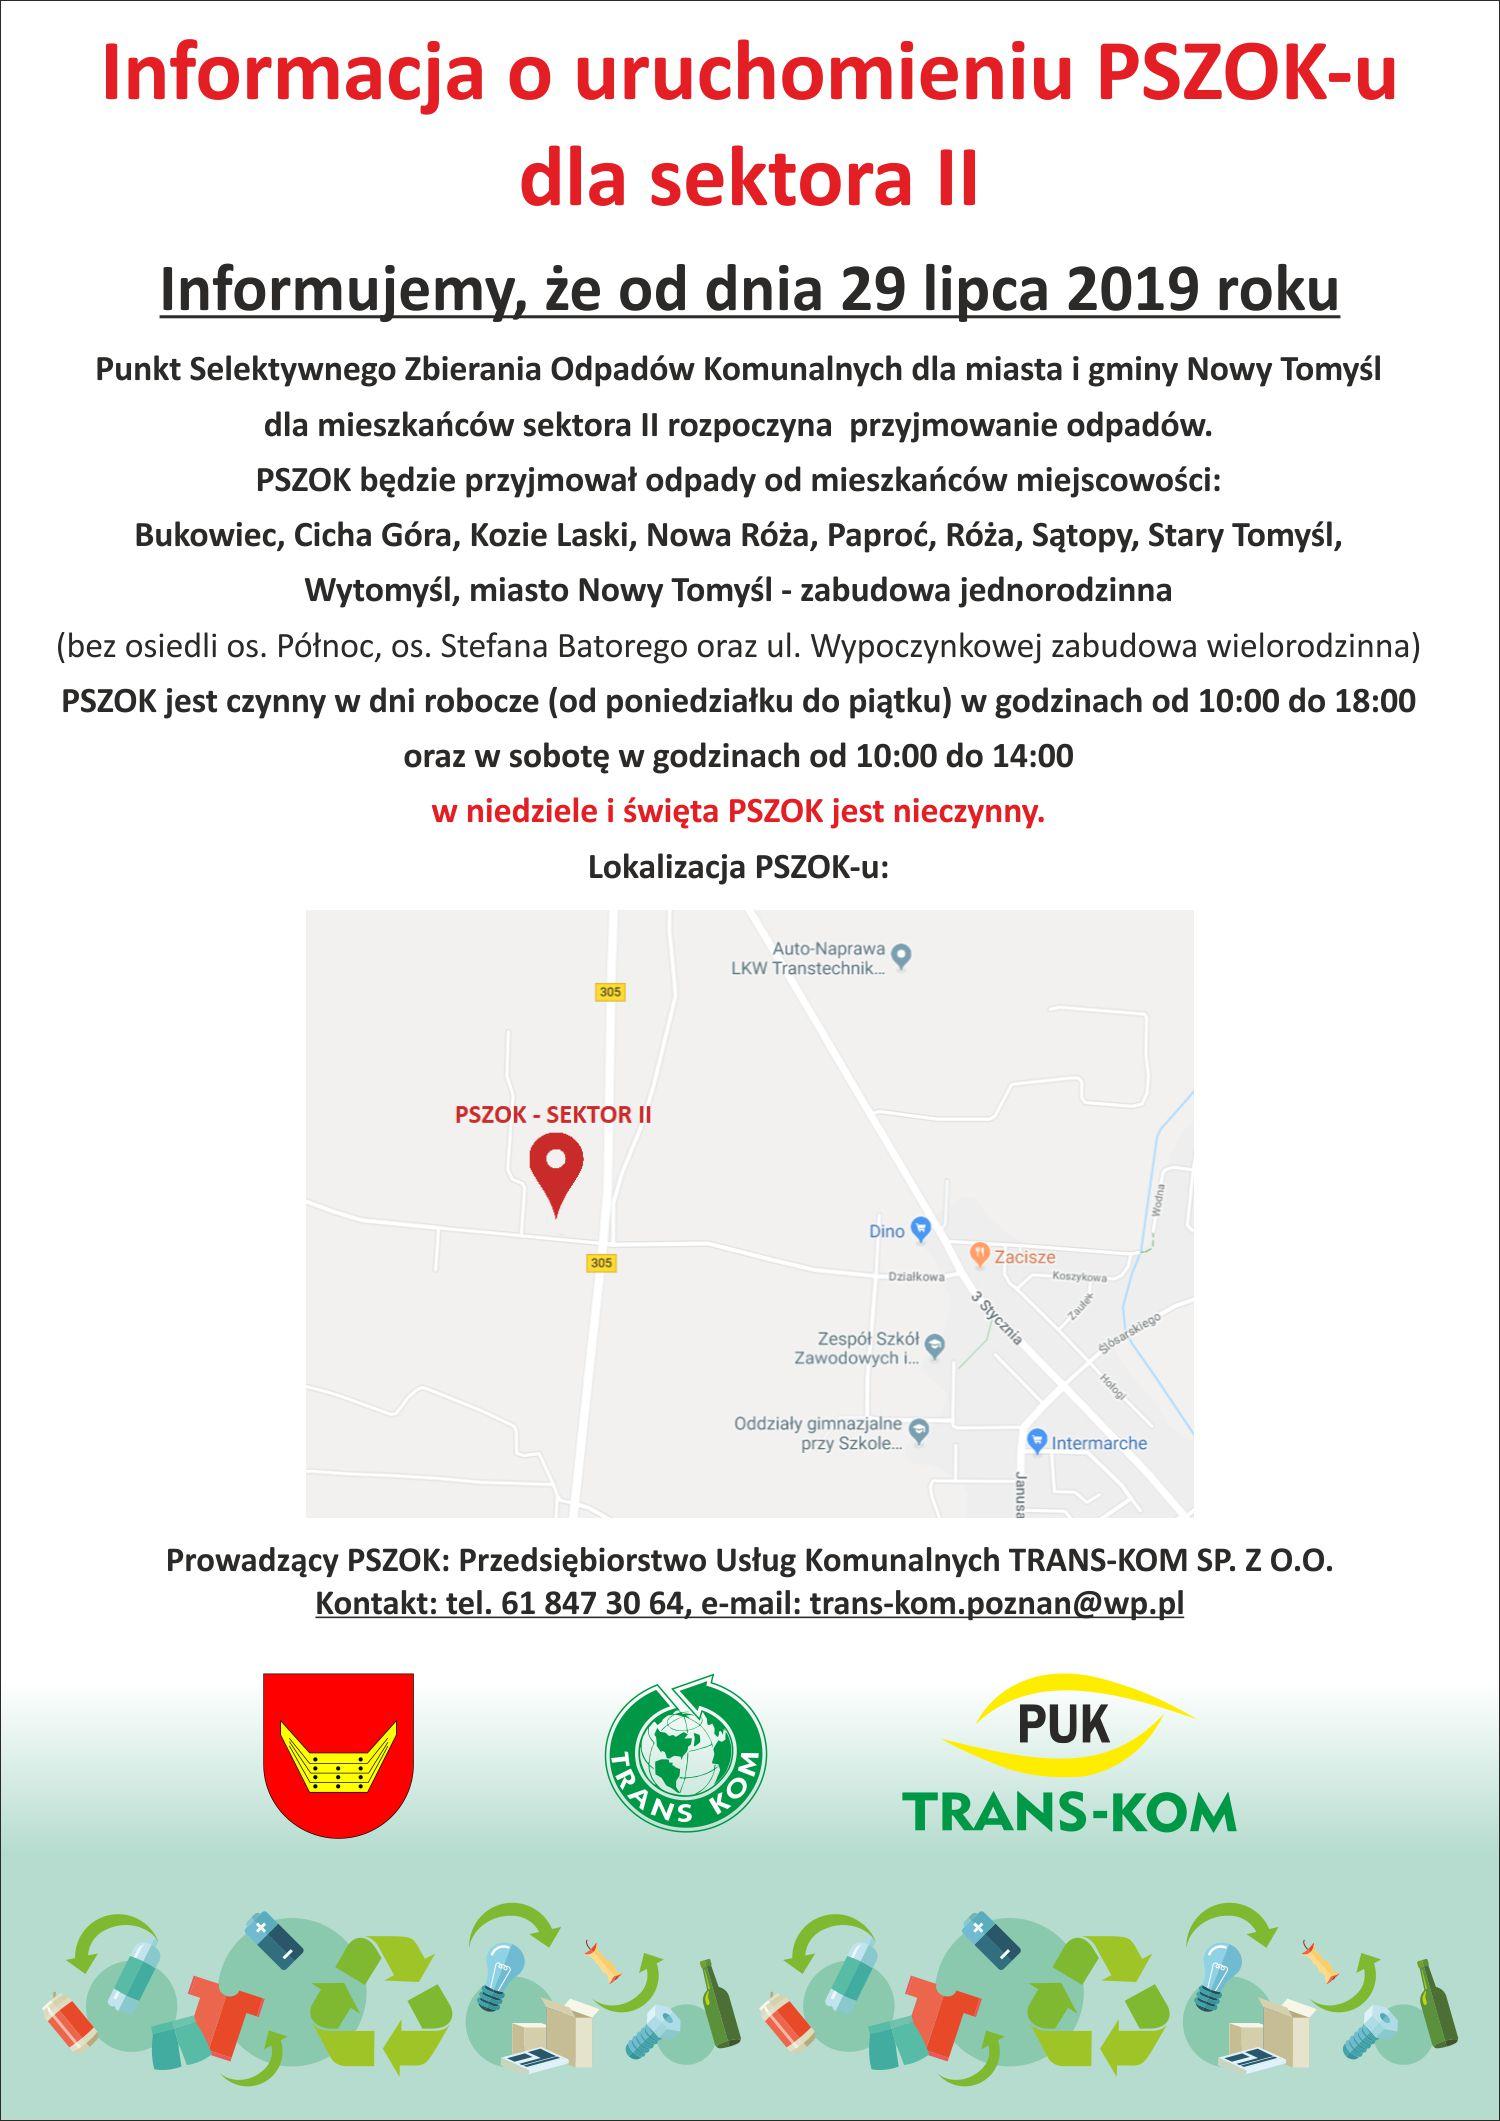 Informacja o uruchomieniu PSZOK-u dla sektora II